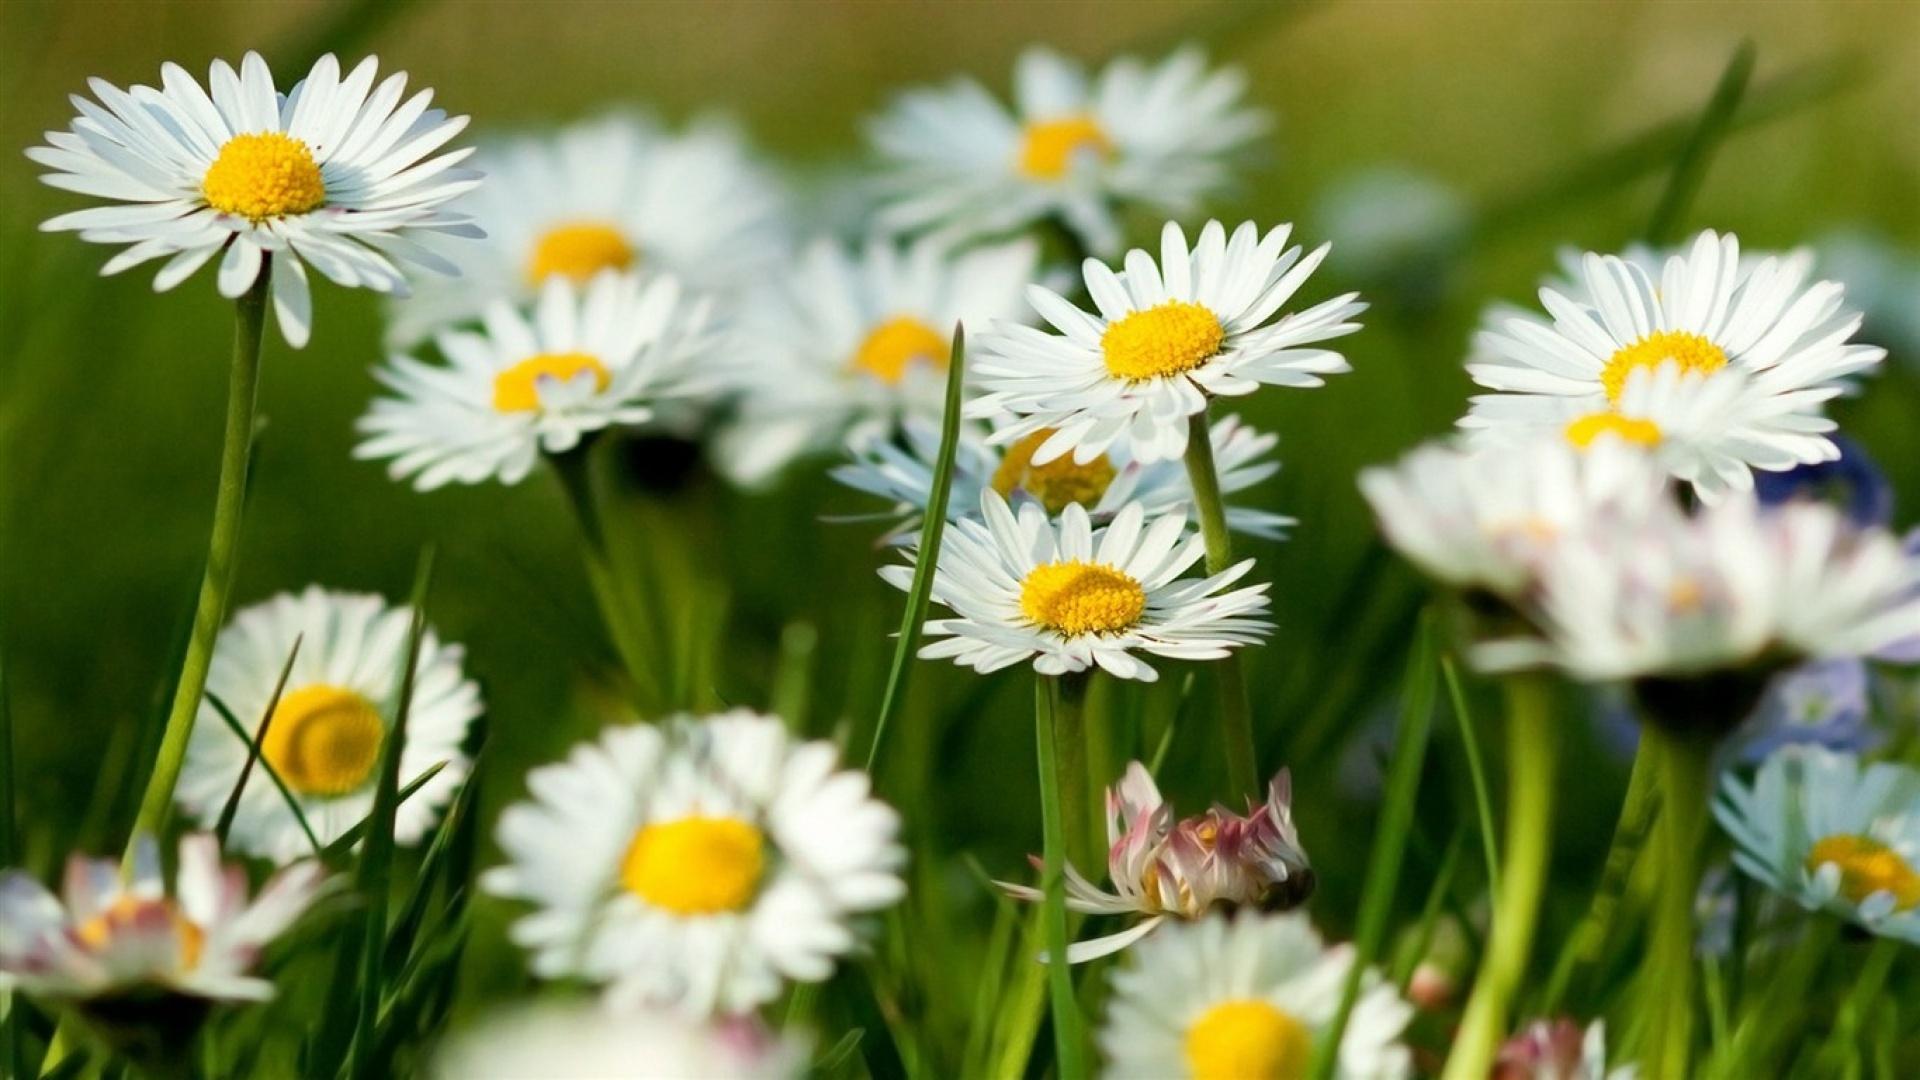 20133 скачать обои Растения, Цветы, Ромашки - заставки и картинки бесплатно